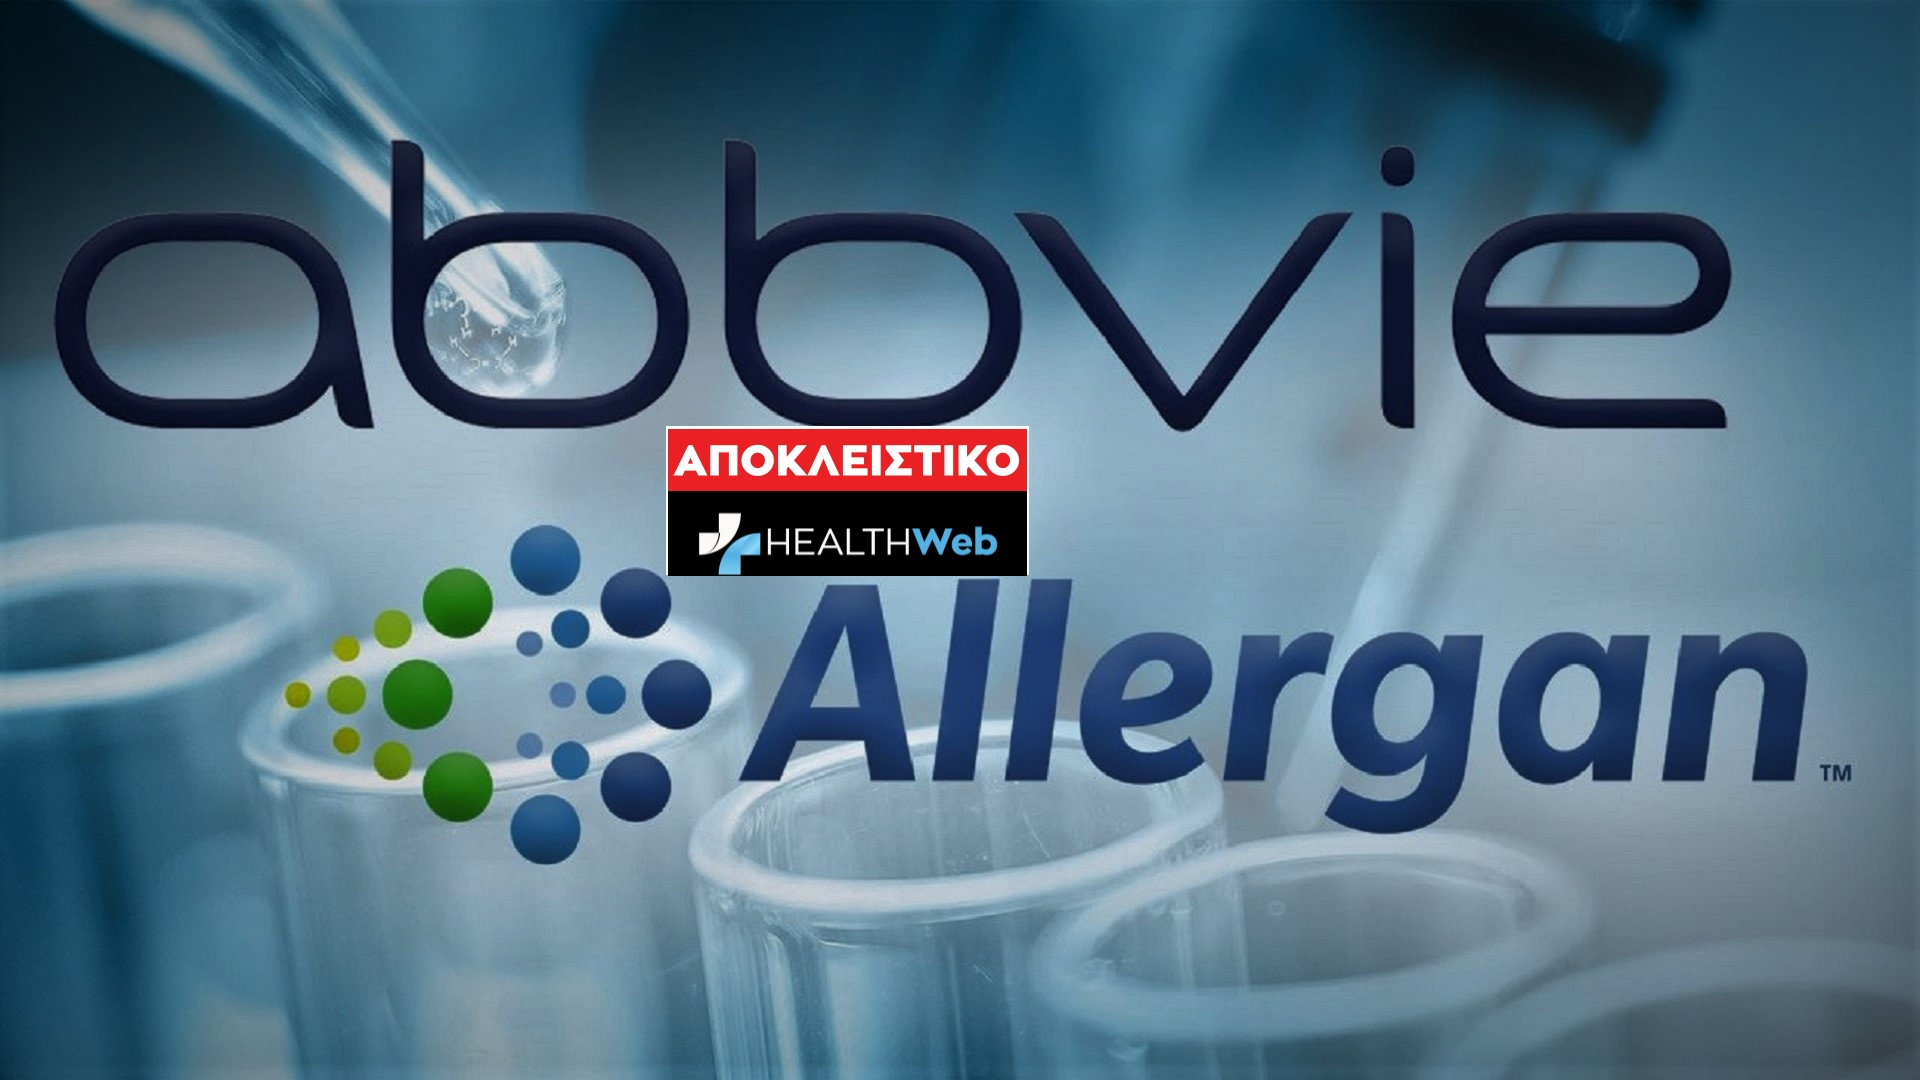 Αποκλειστικό : Ολοκληρώθηκε η εξαγορά της Allergan από την AbbVie